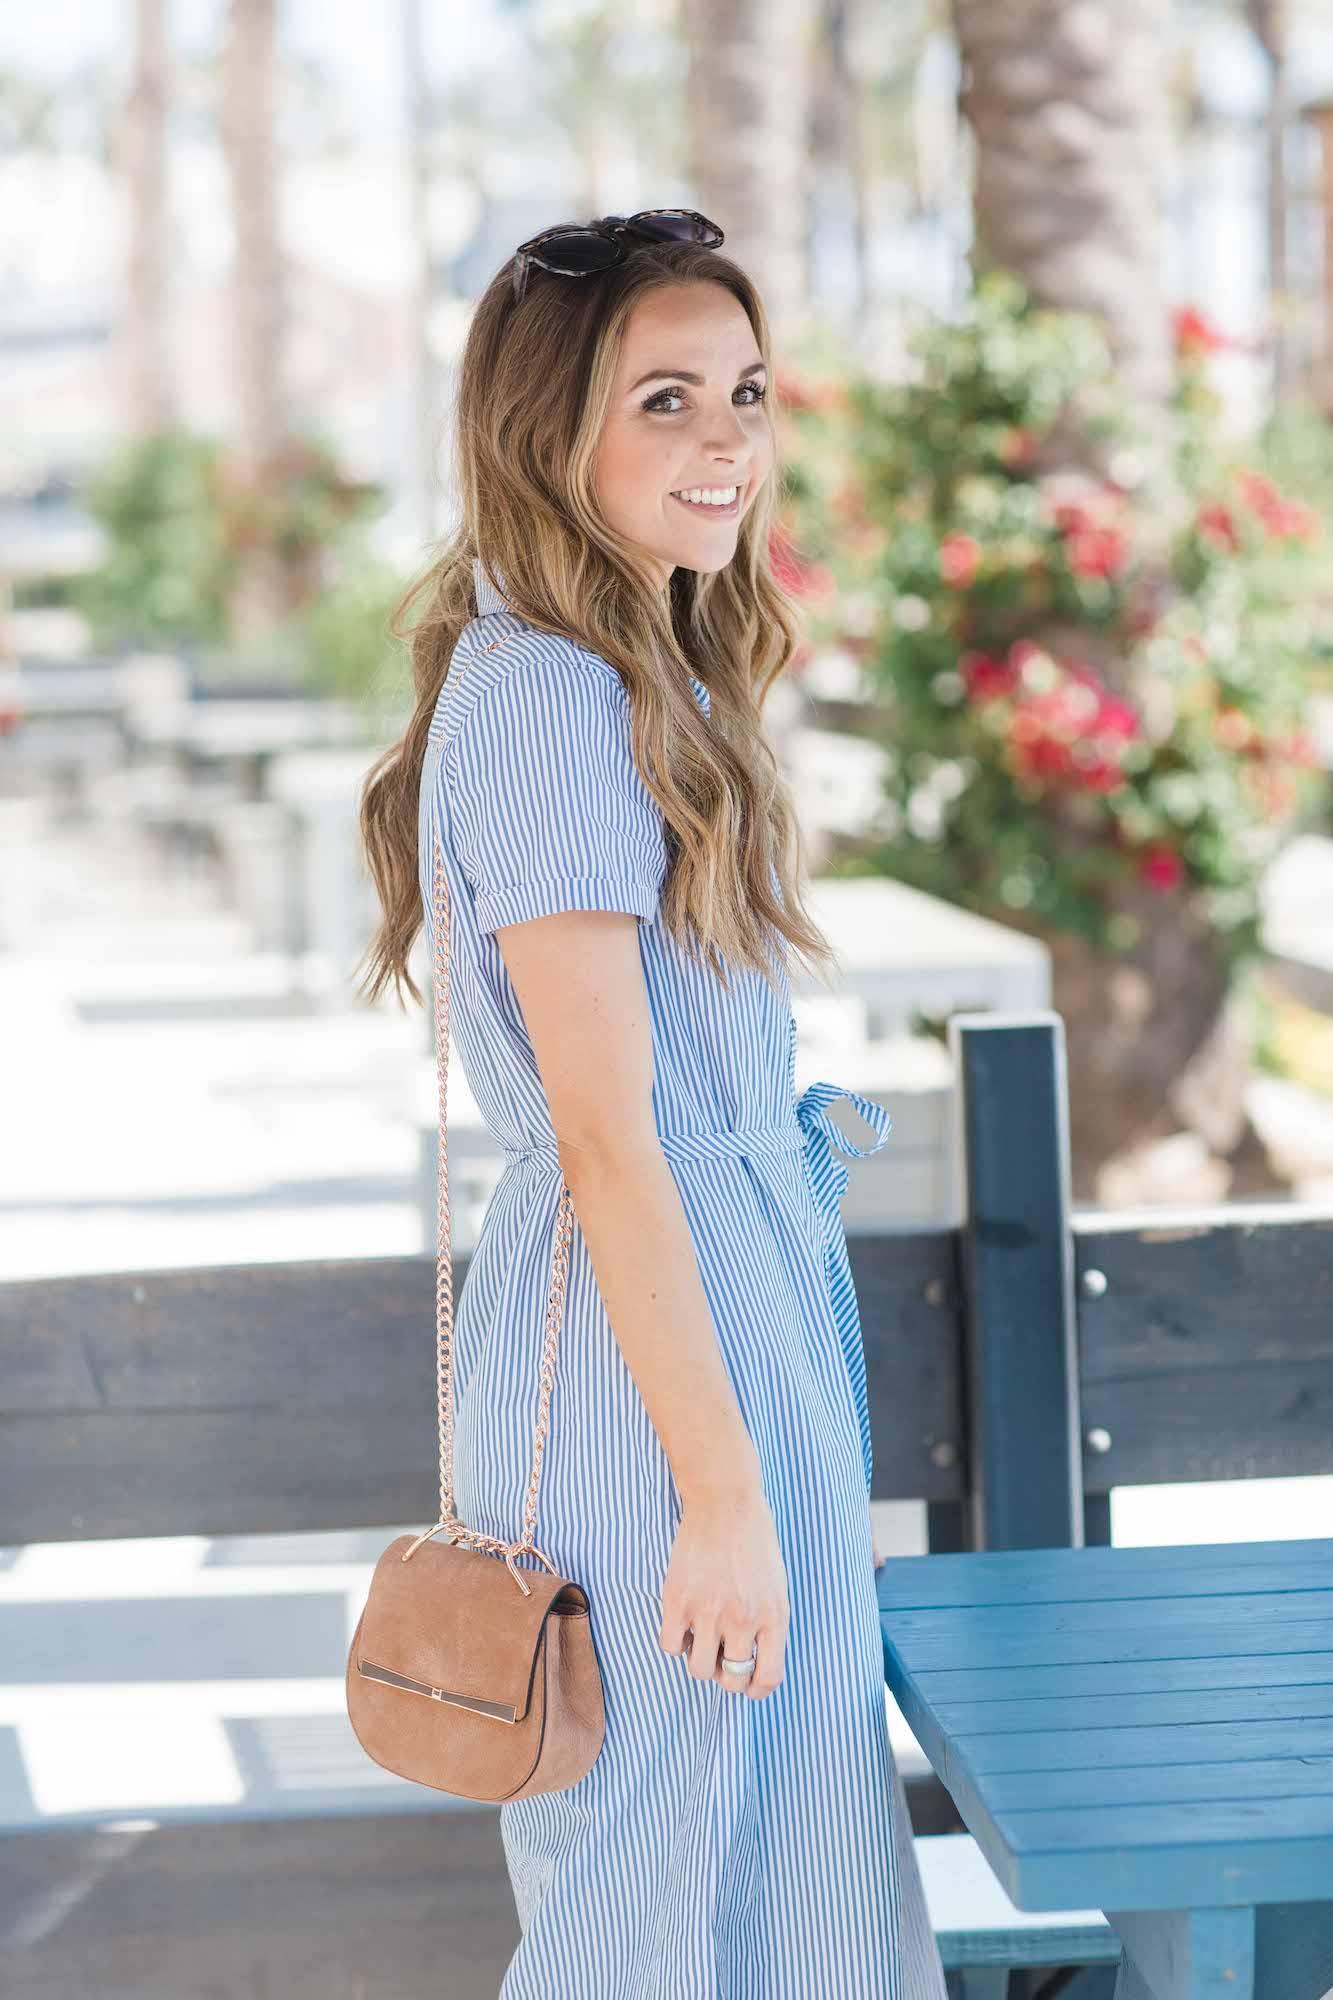 Merrick's Art Blue Shirtdress